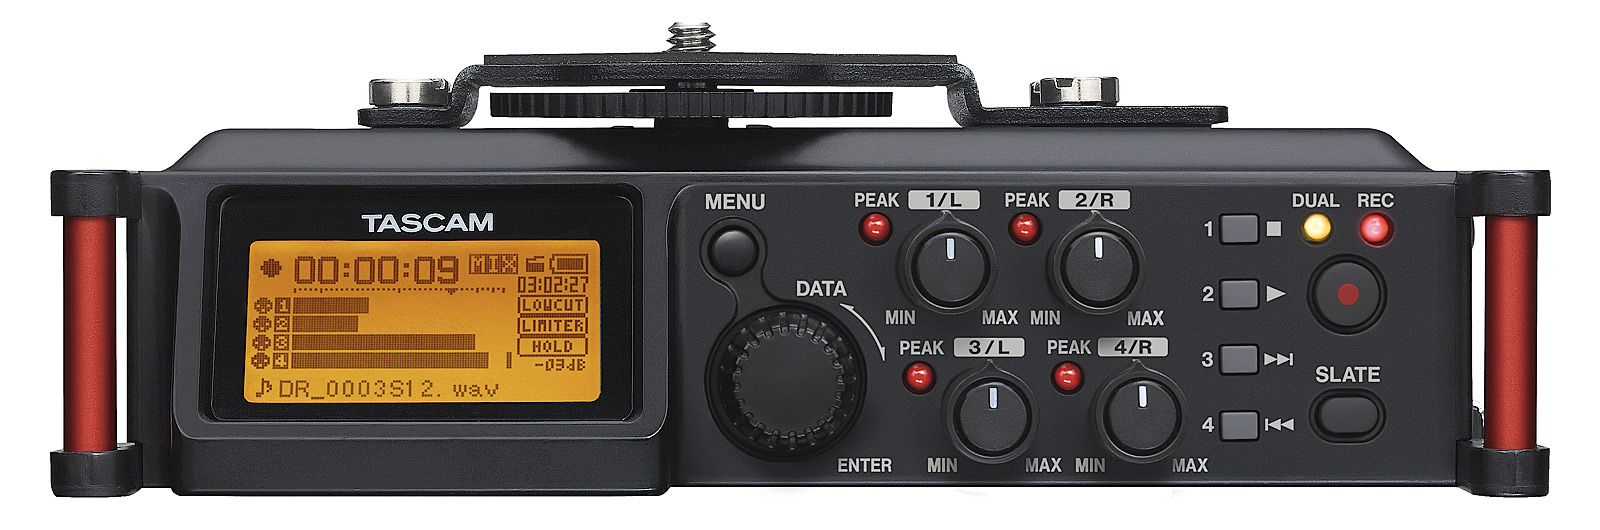 Billede af Tascam DR-70D audio recorder til DSLR